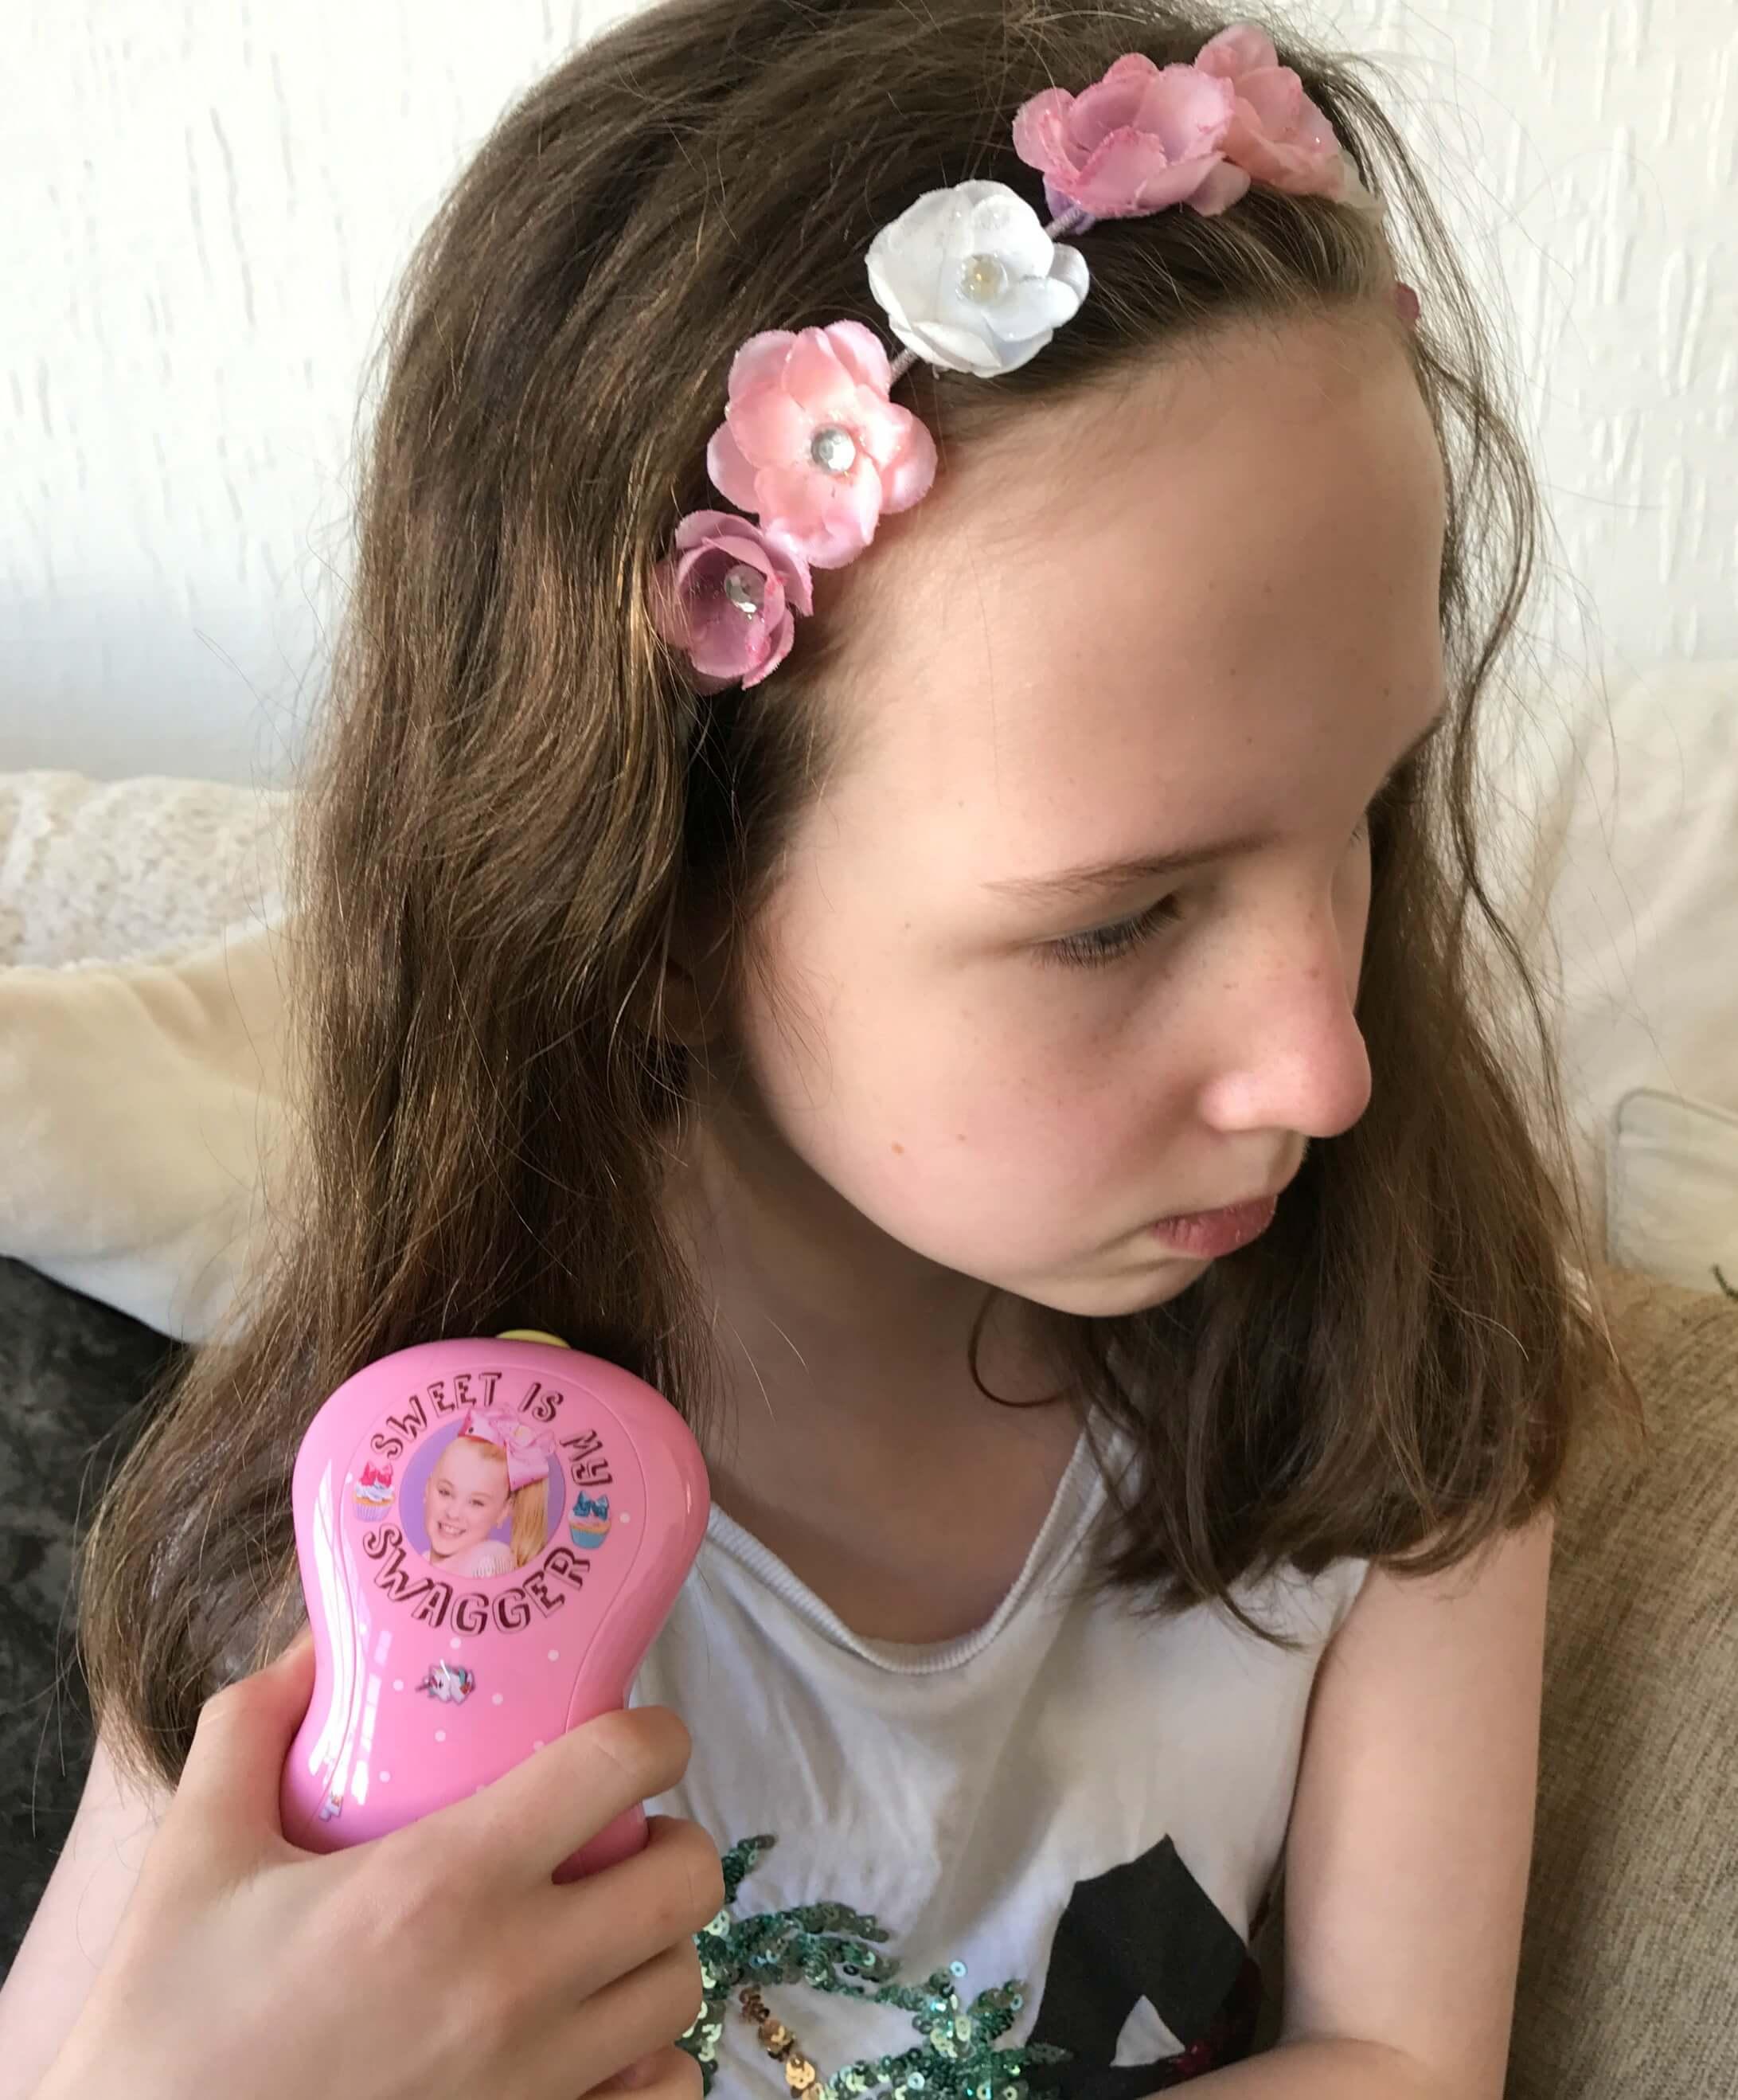 JoJo brushes - Caitlin using the pink JoJo Brush